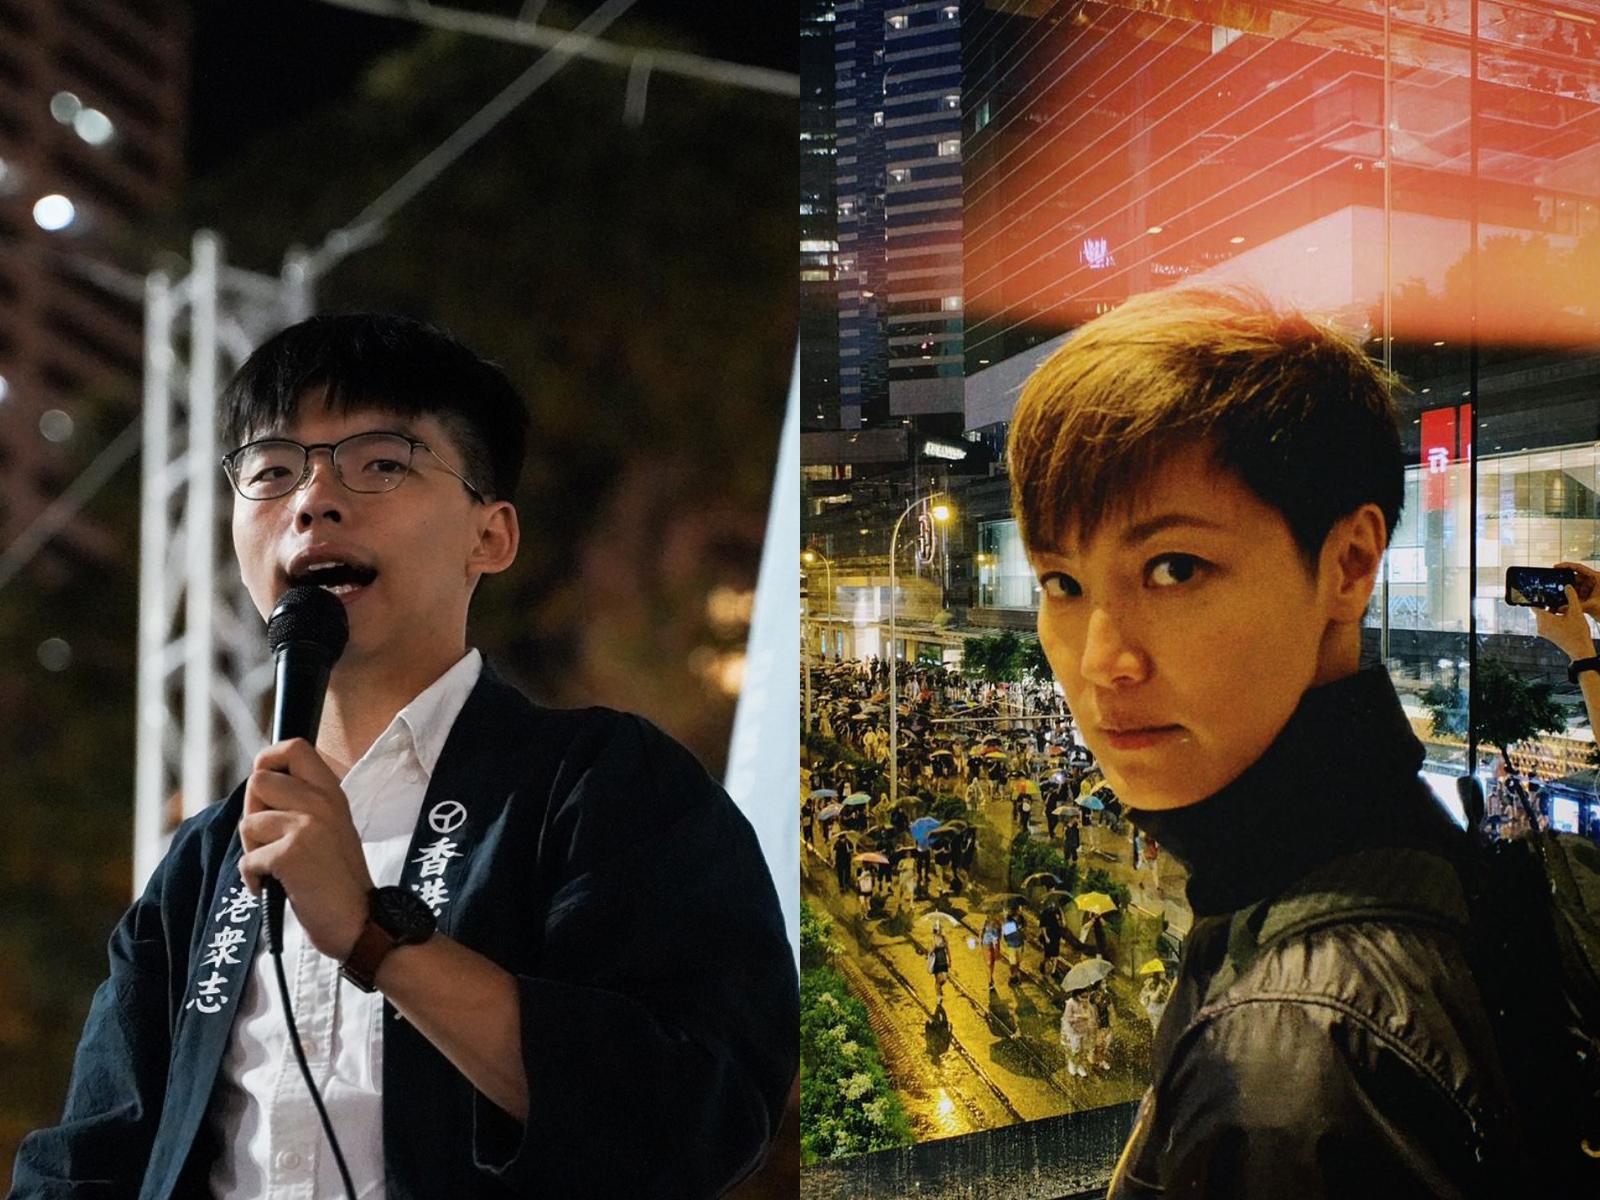 香港反送中/黃之鋒、何韻詩17日赴美出席聽證會 提供「反送中」第一手消息